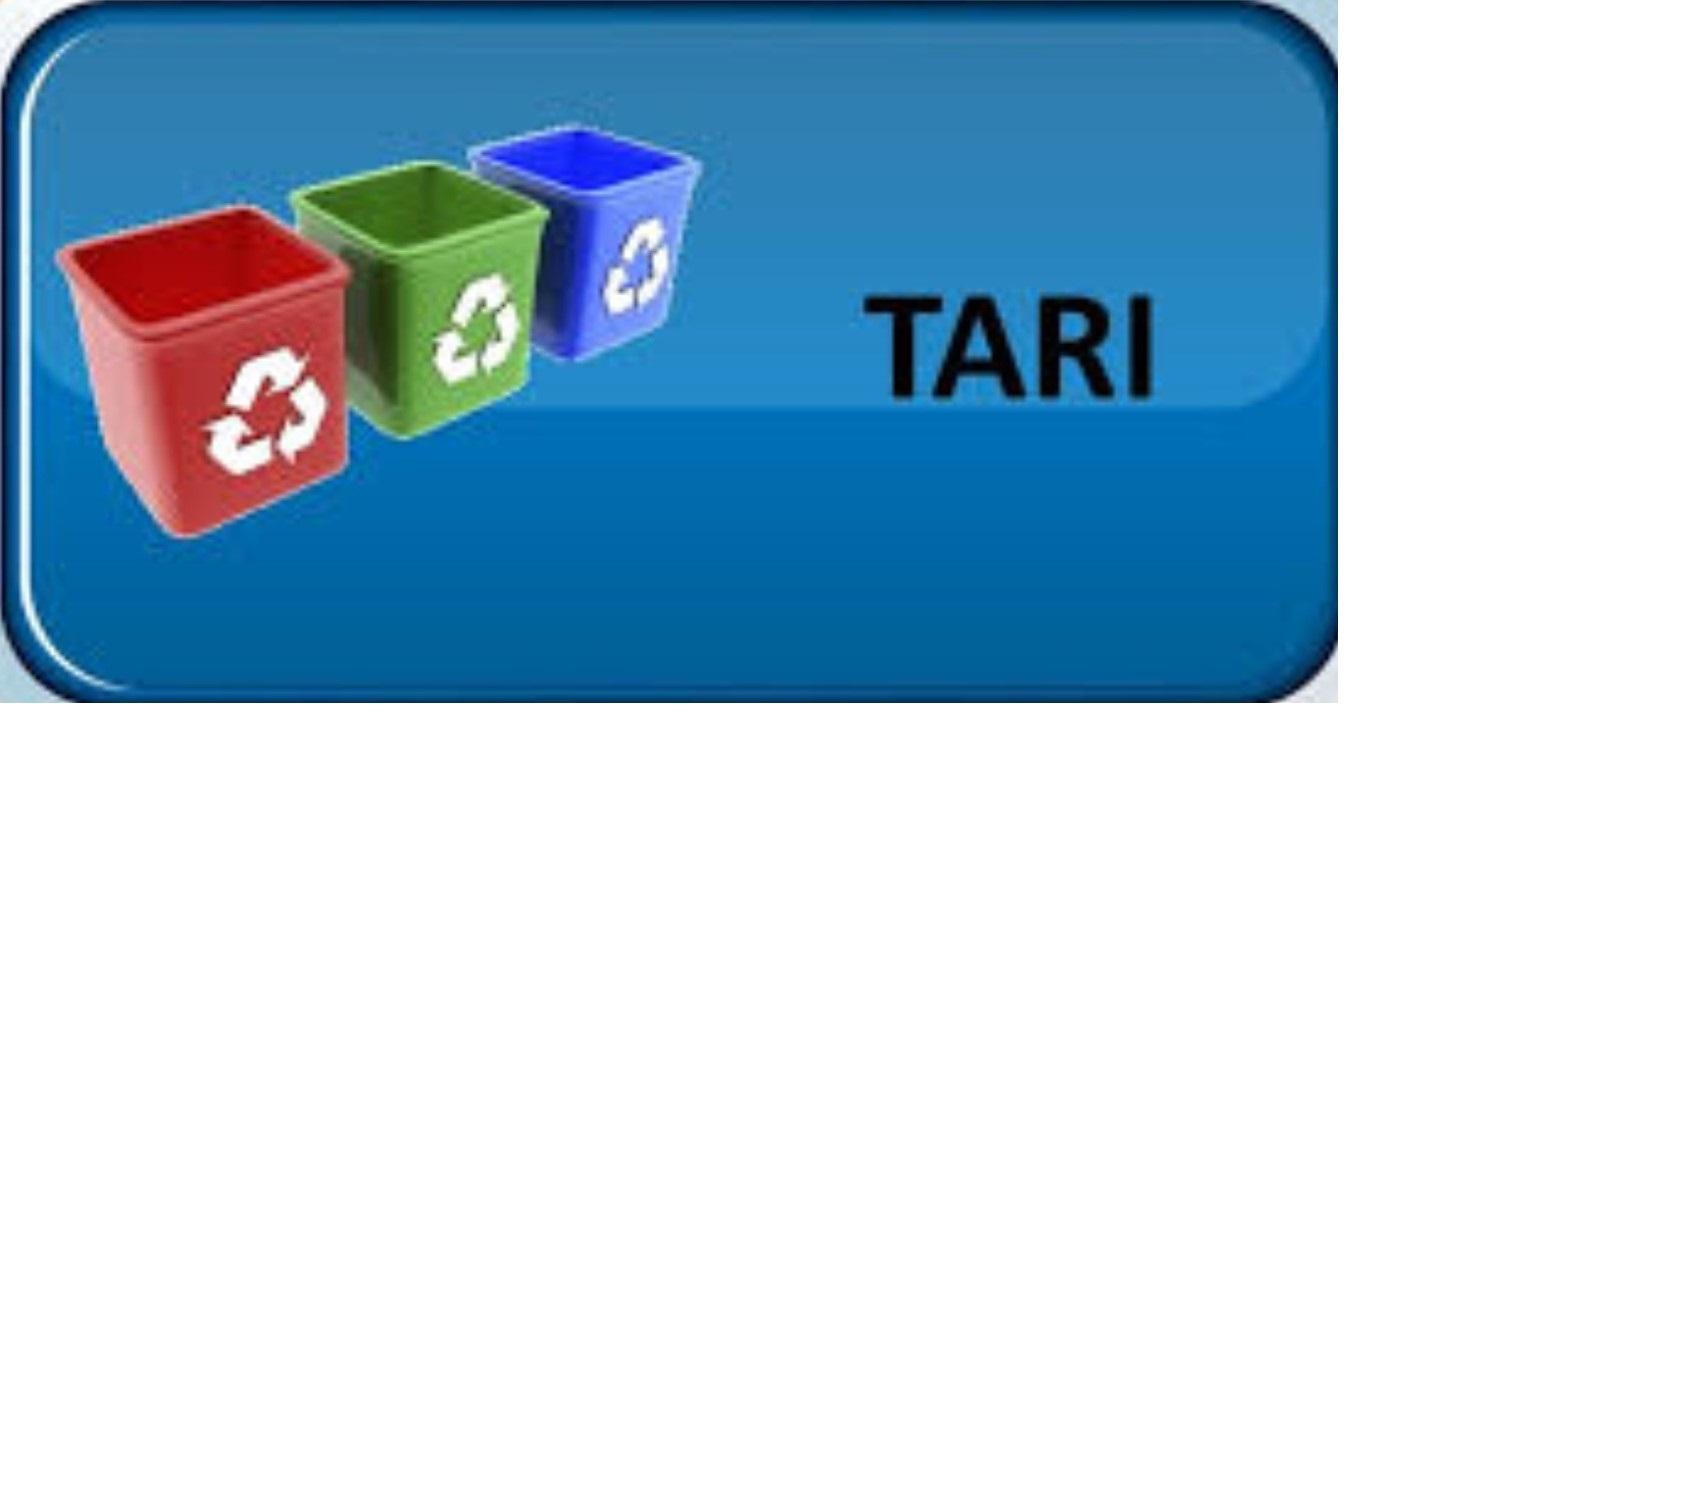 Proroga termine scadenza rata unica Tari